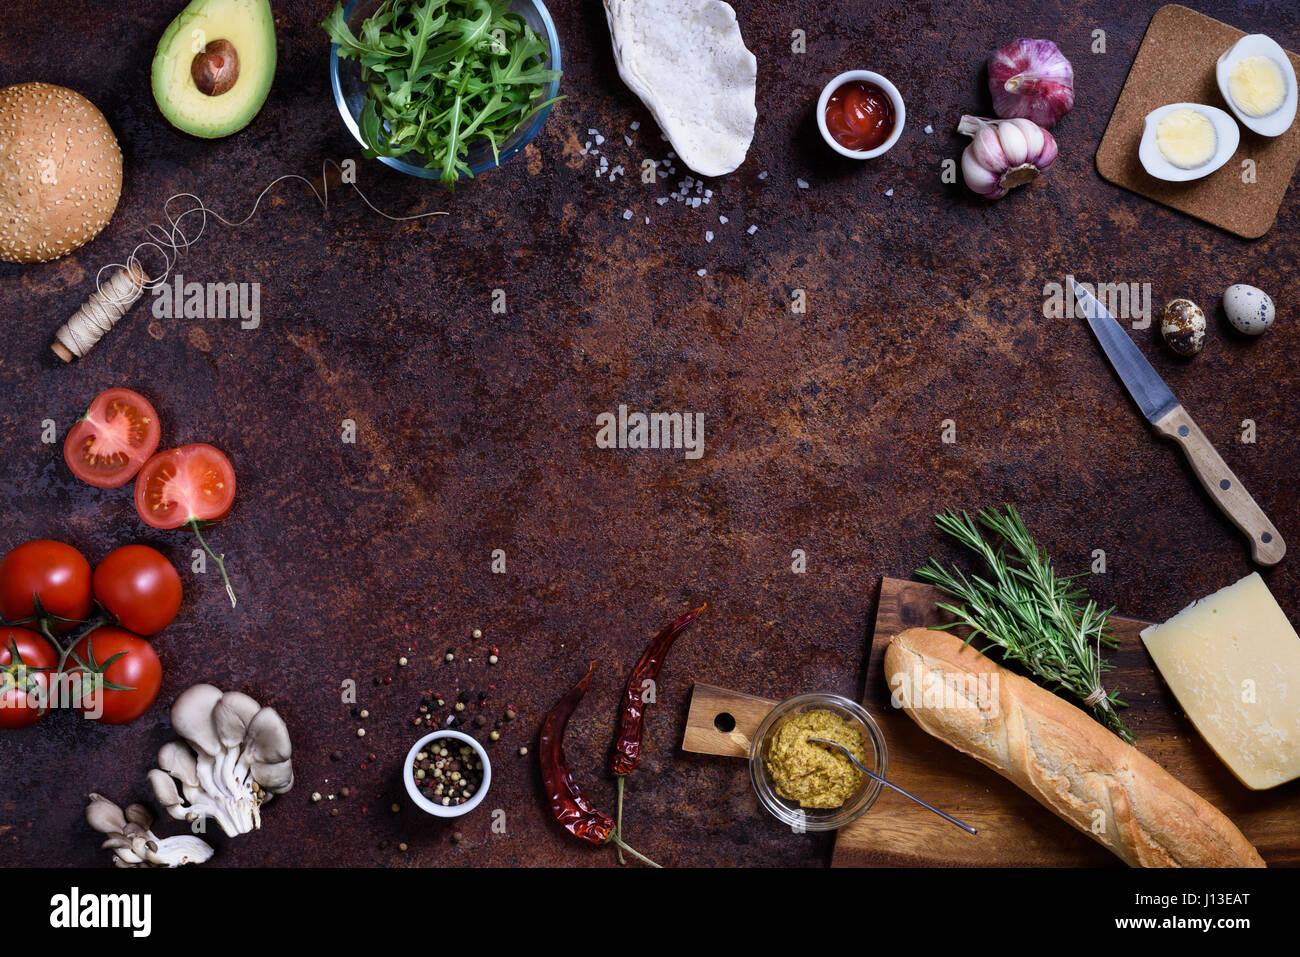 Snack rapide ingrédients, burger et menu sandwich. Restaurant cadre, copie espace, vue du dessus, une télévision. Photo Stock